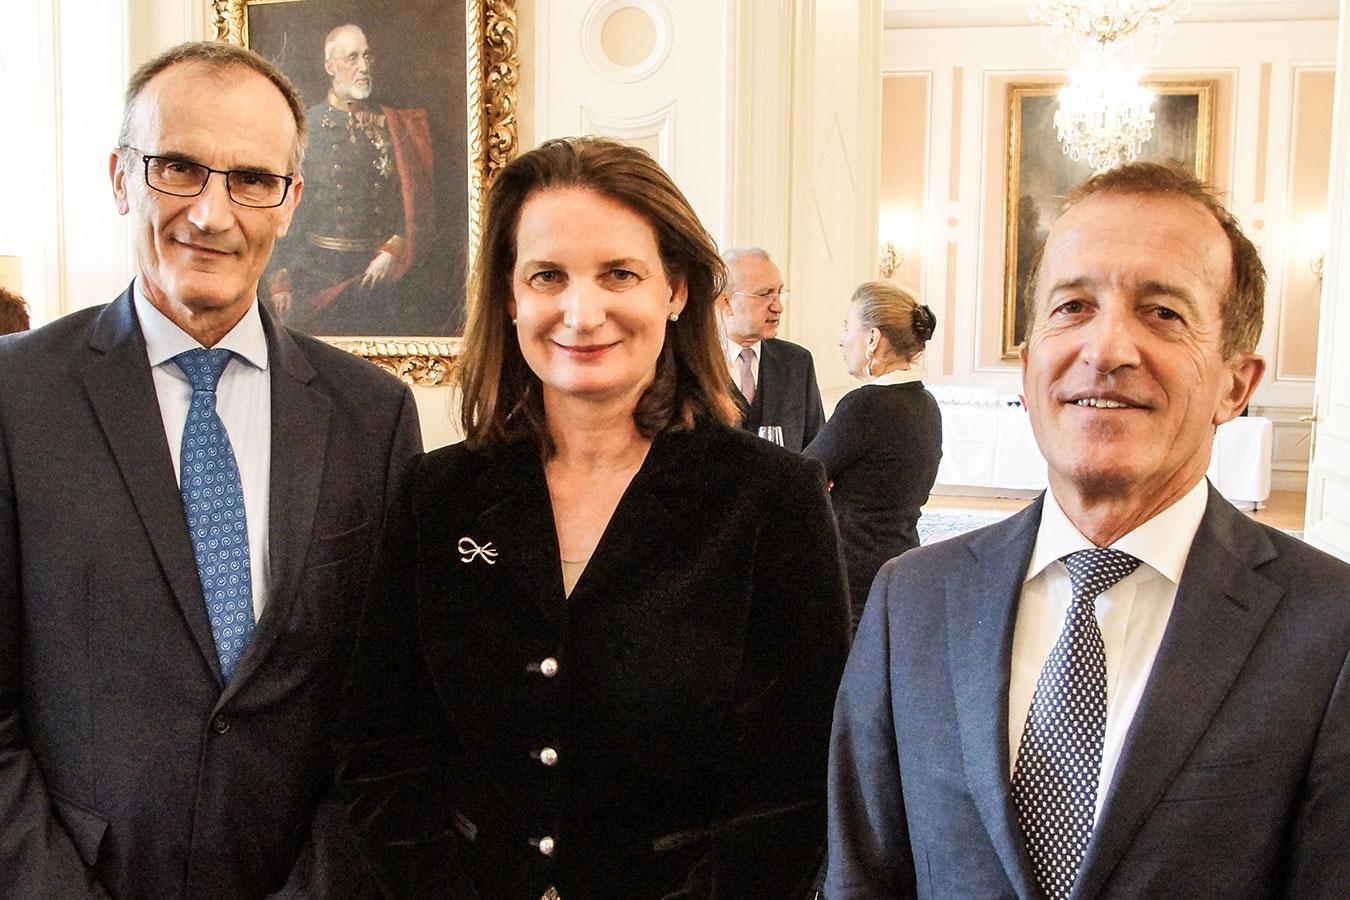 a-national-day-2018-ambassador-wenzel-ellison-parker-burkhard.jpg